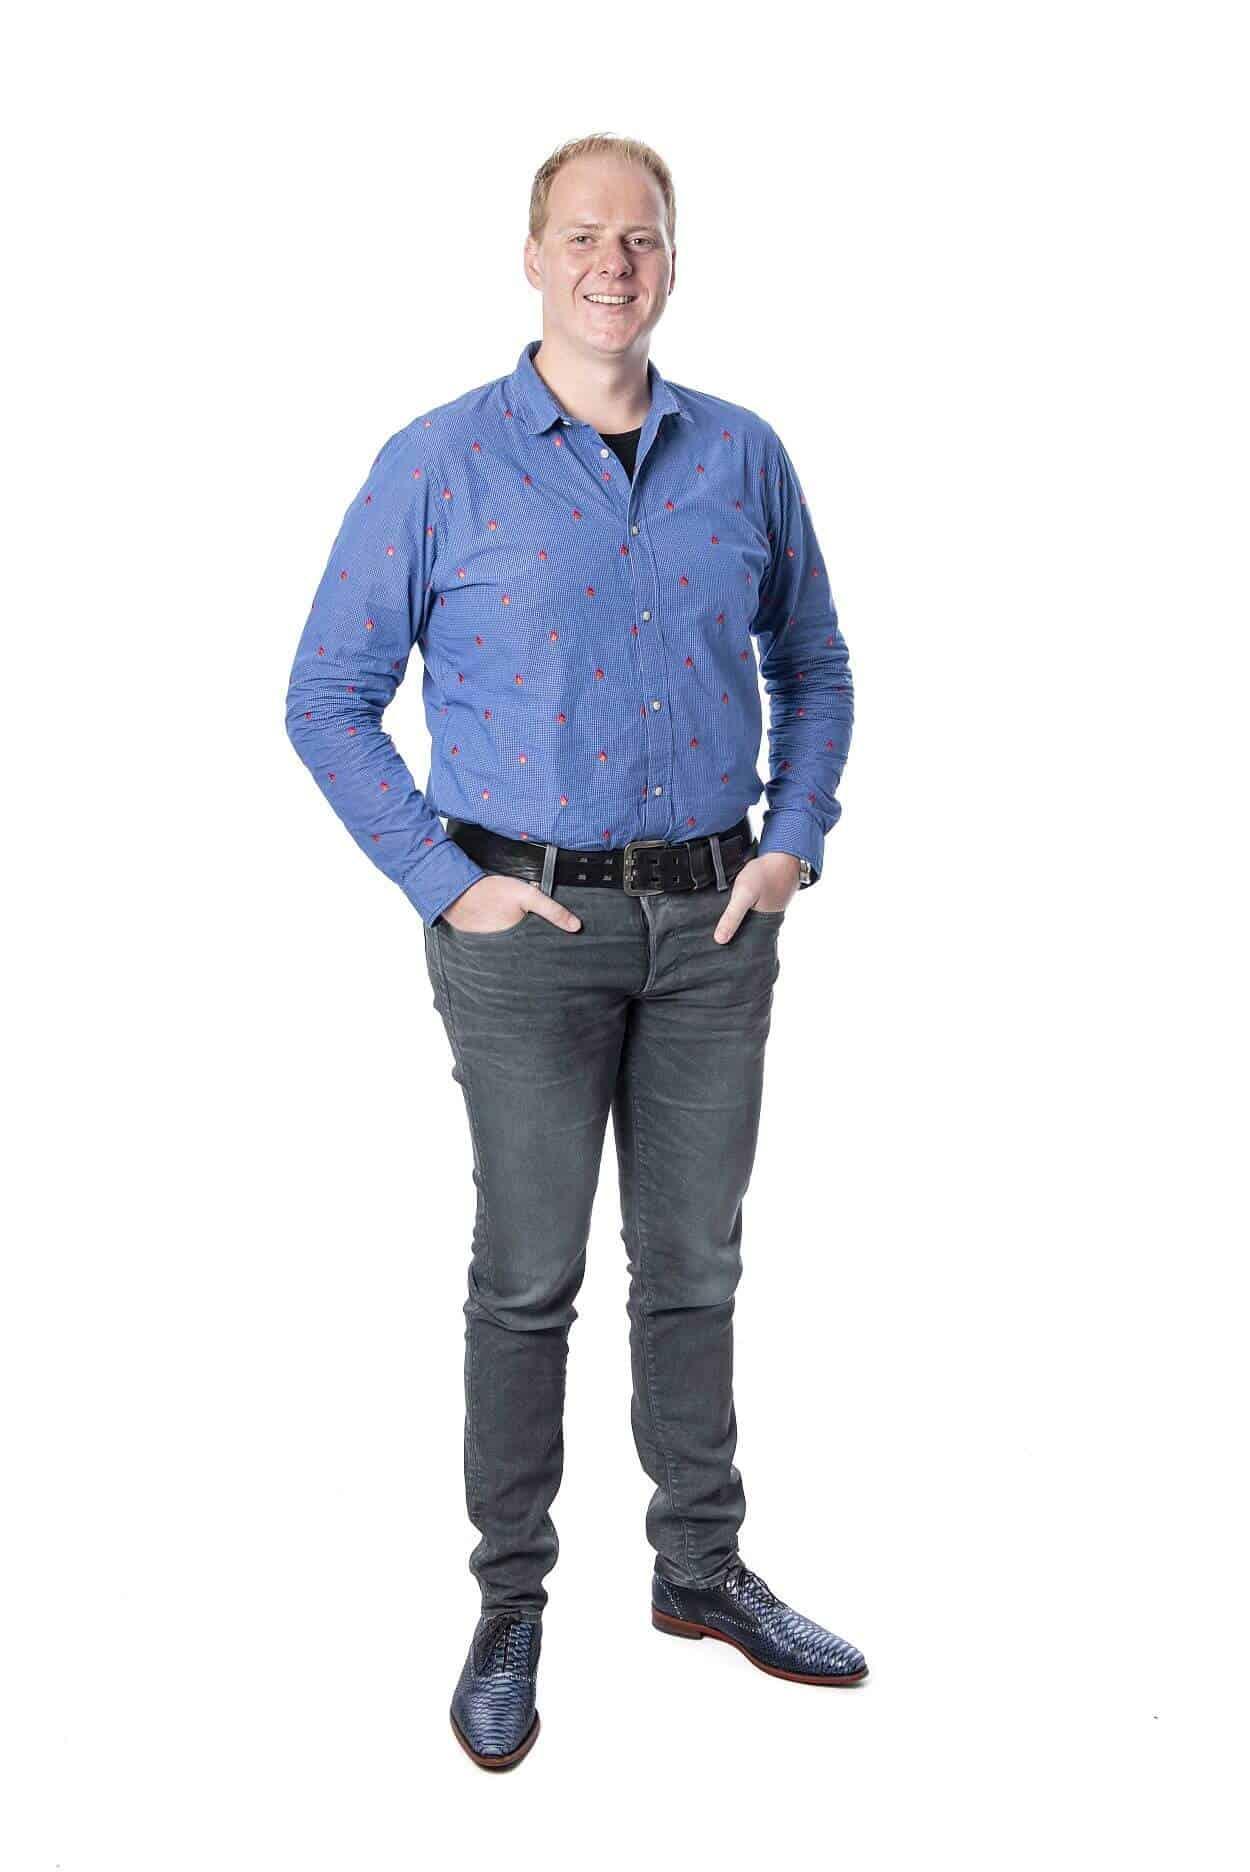 P. (Peter) van Balen